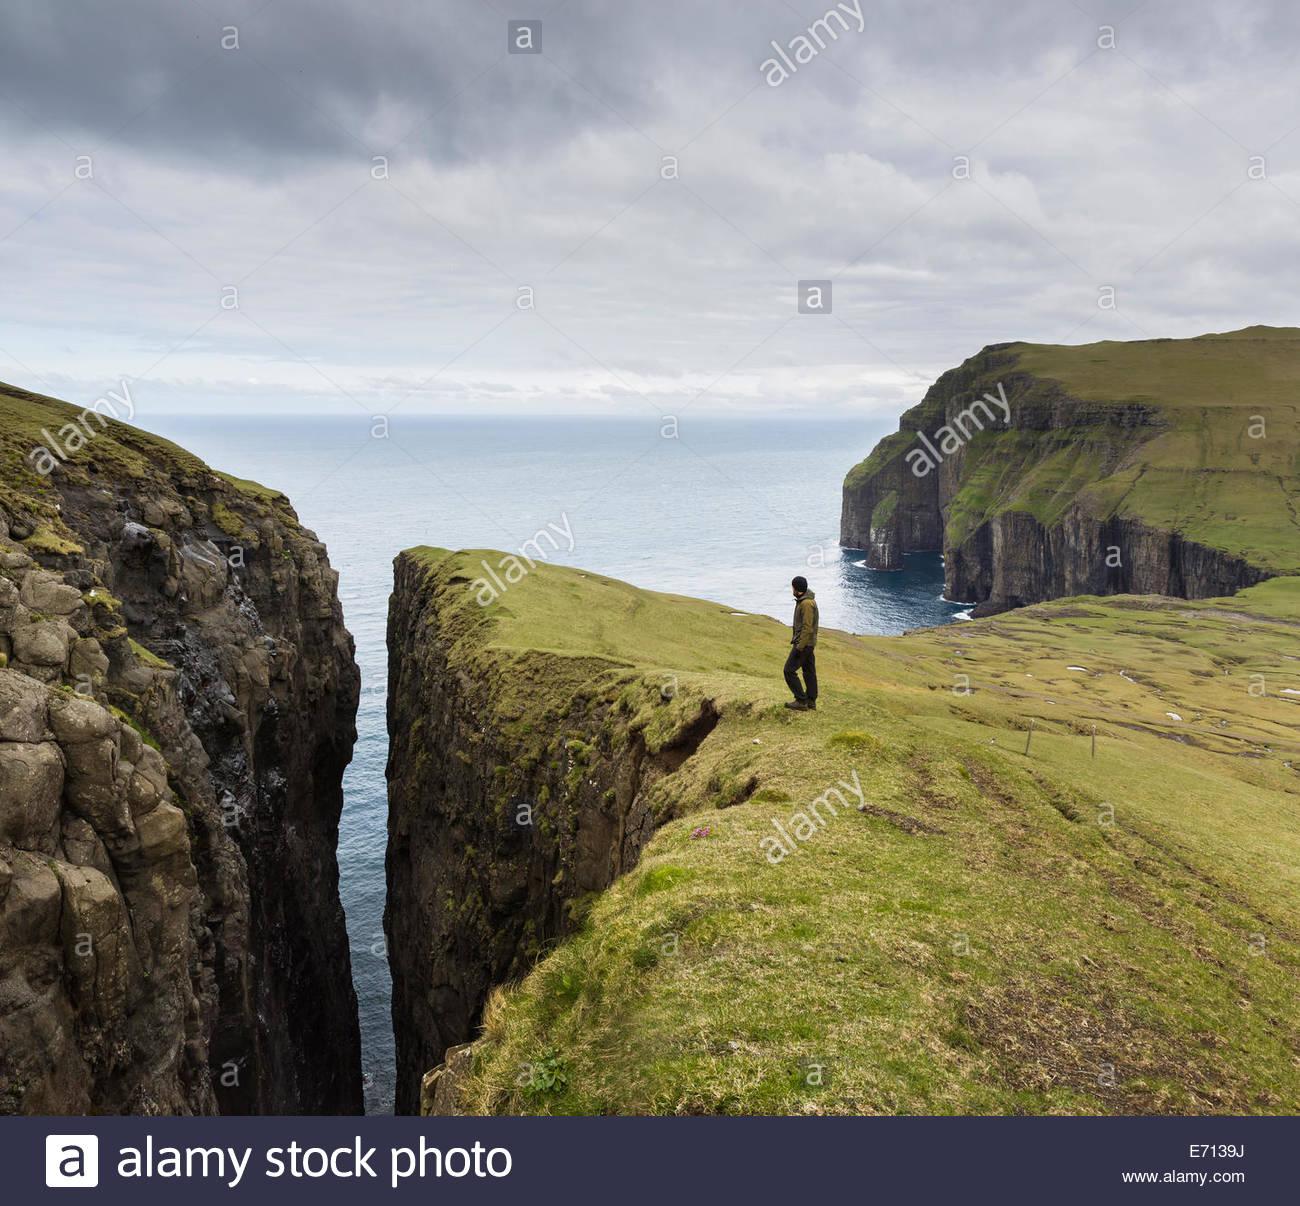 Uomo in piedi in cima alla scogliera, Asmundarstakkur, Isole Faerøer, Danimarca Immagini Stock